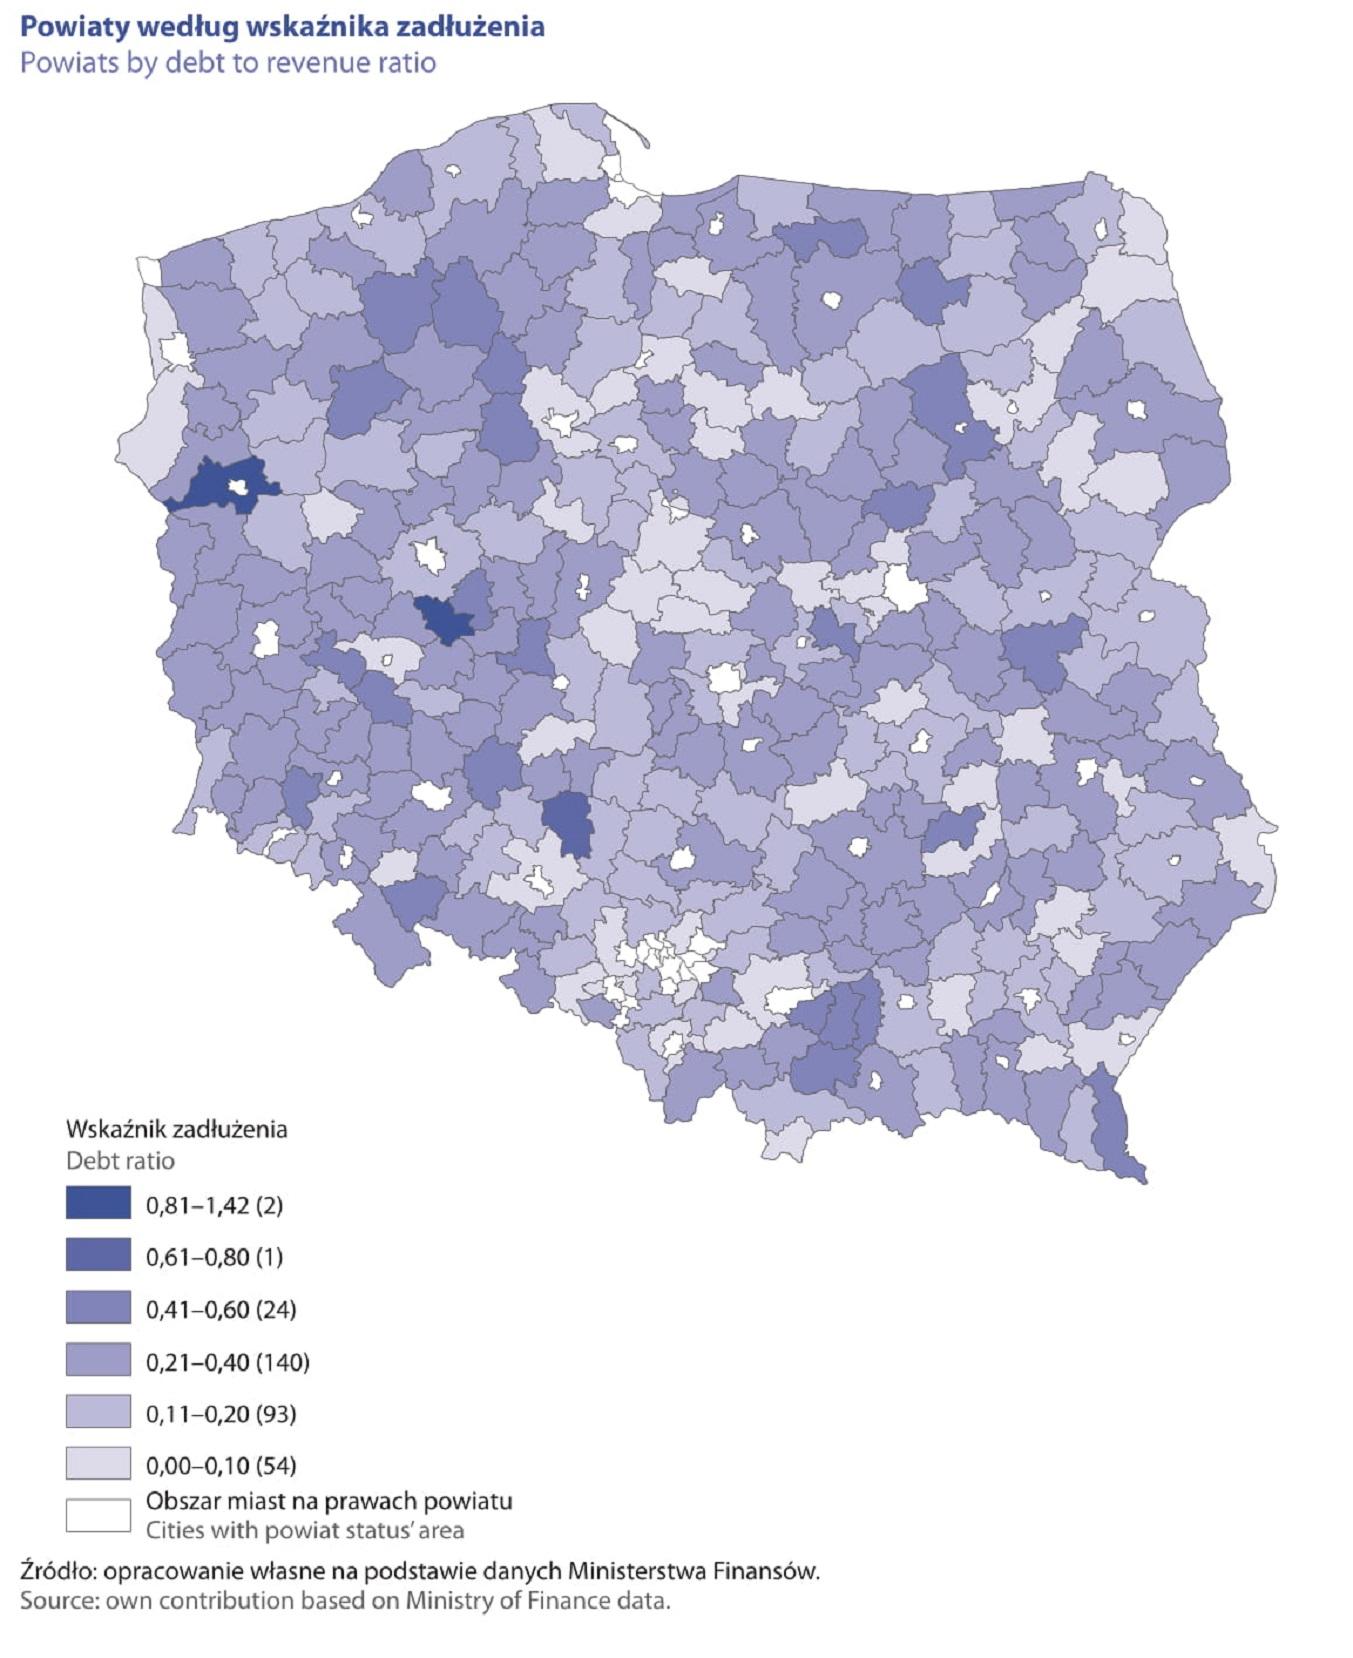 Powiaty według wskaźnika zadłużenia (fot. raport GUS)